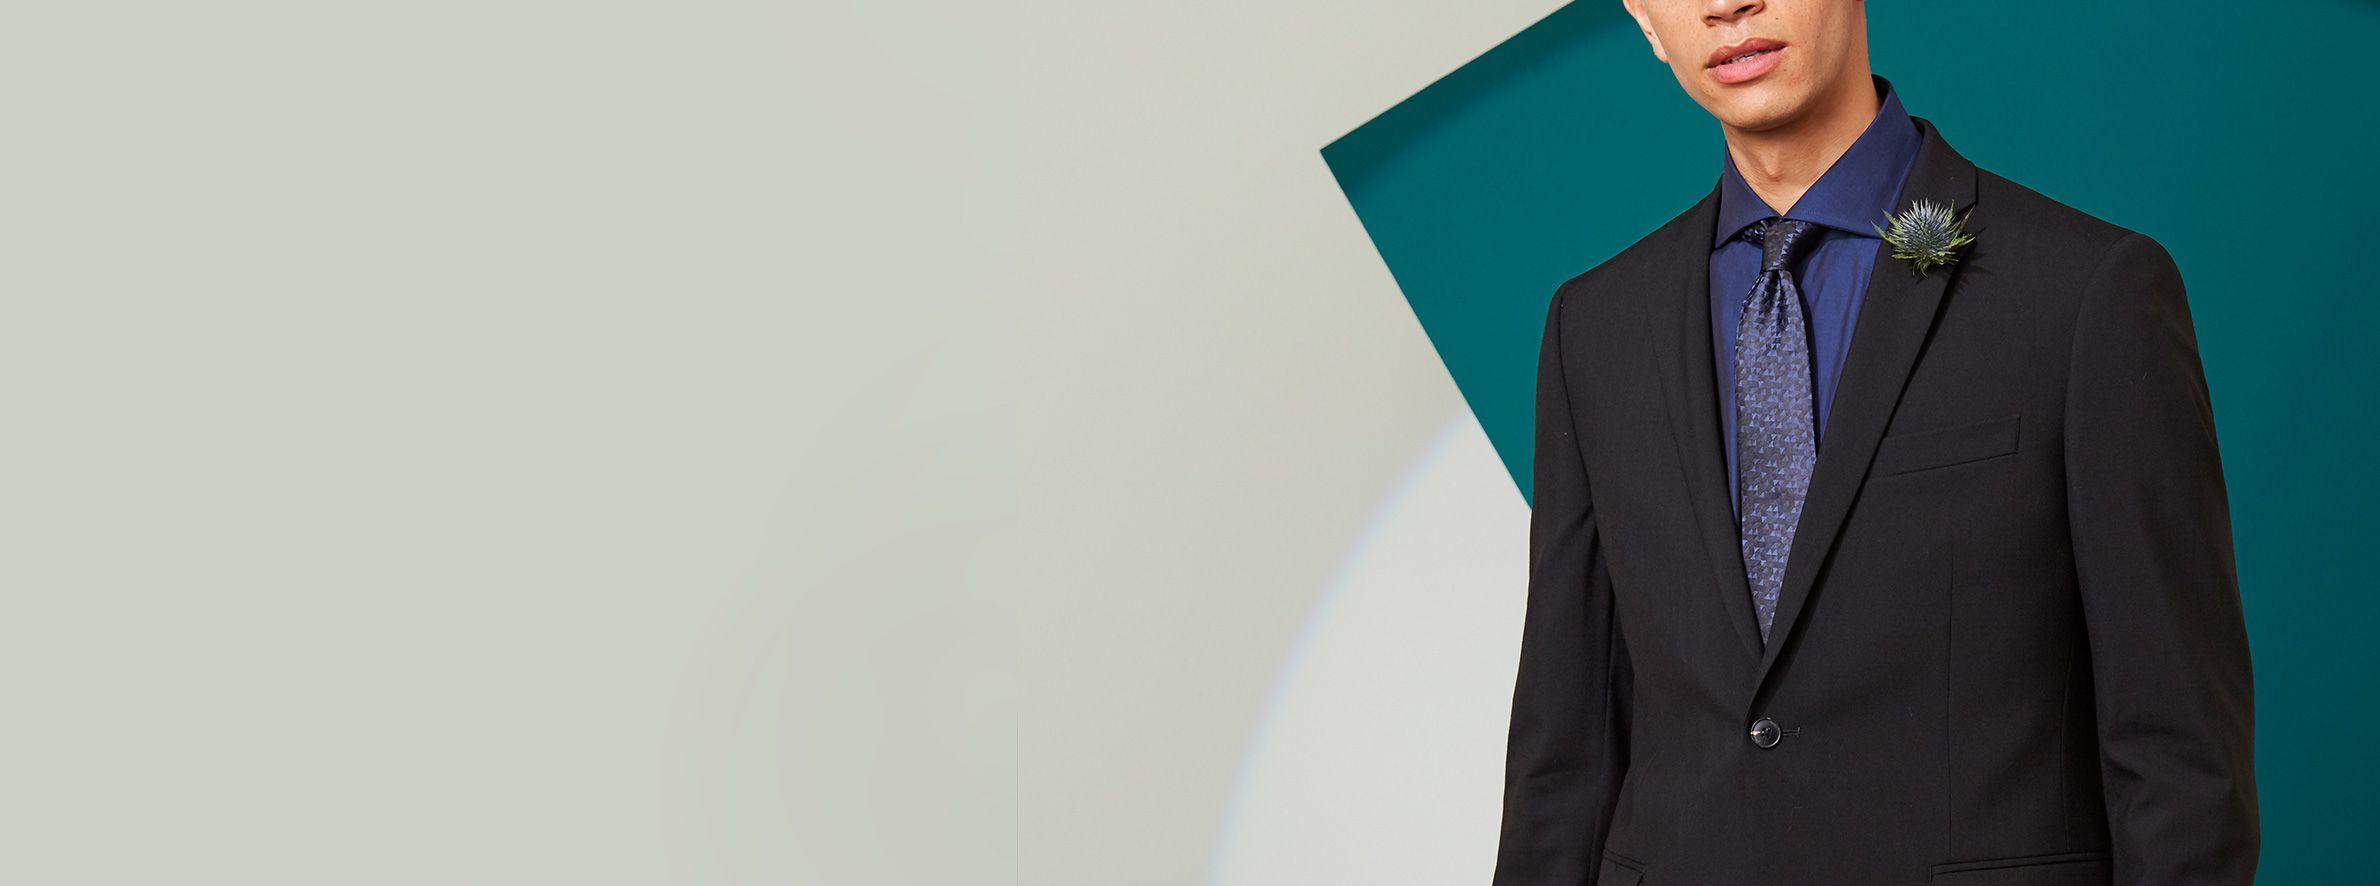 f498488cdedd Ties | Reiss | Ties & Bow Ties | John Lewis & Partners